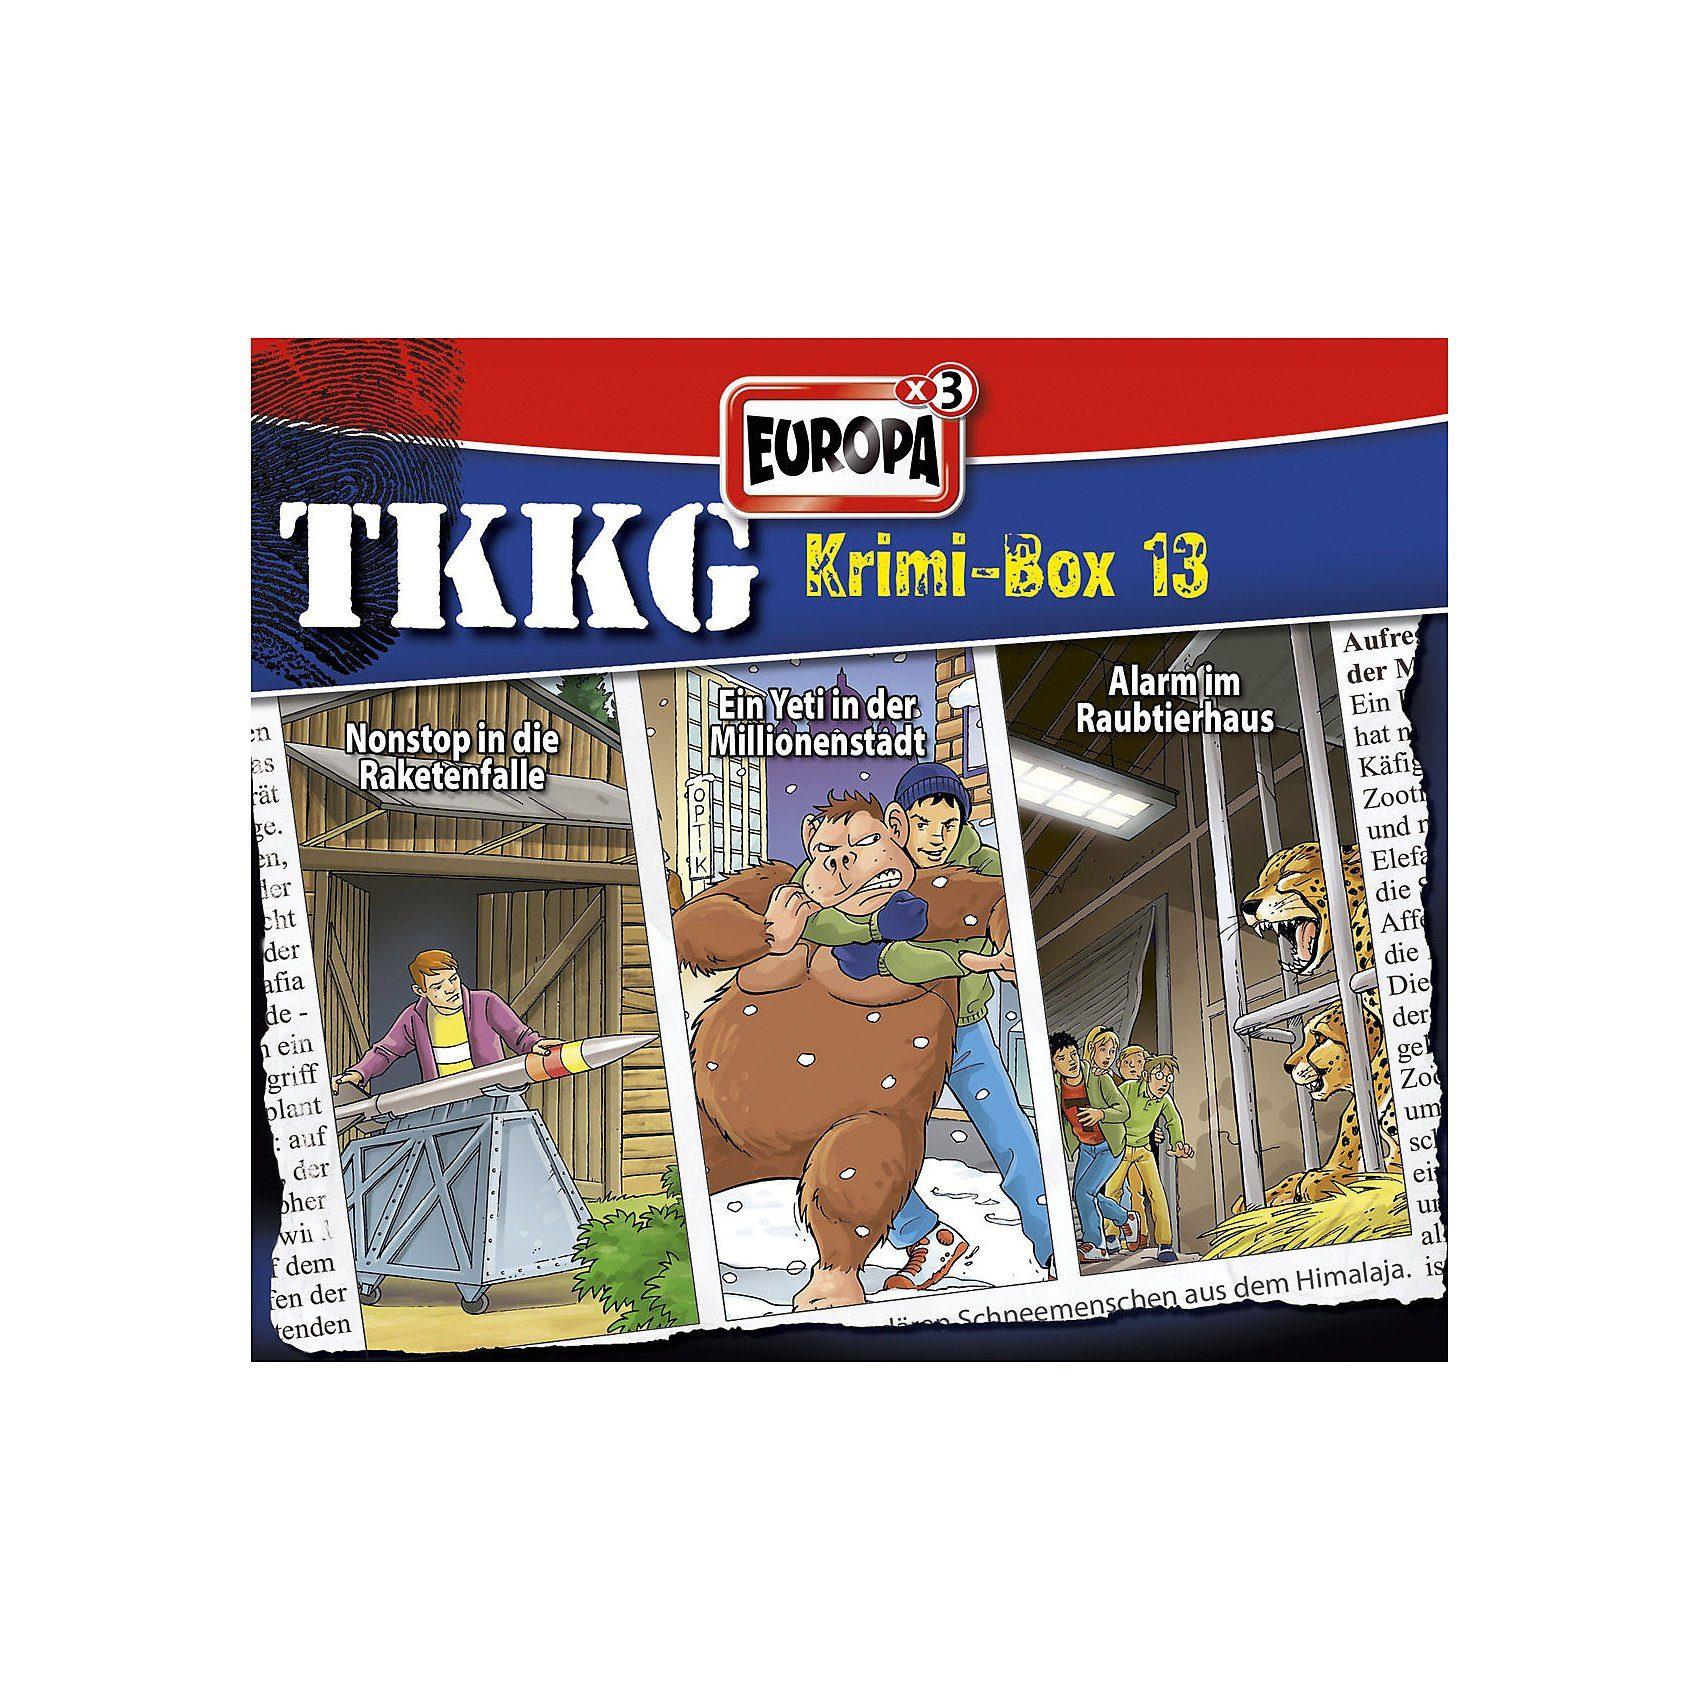 Sony CD Tkkg - Krimi Box 13